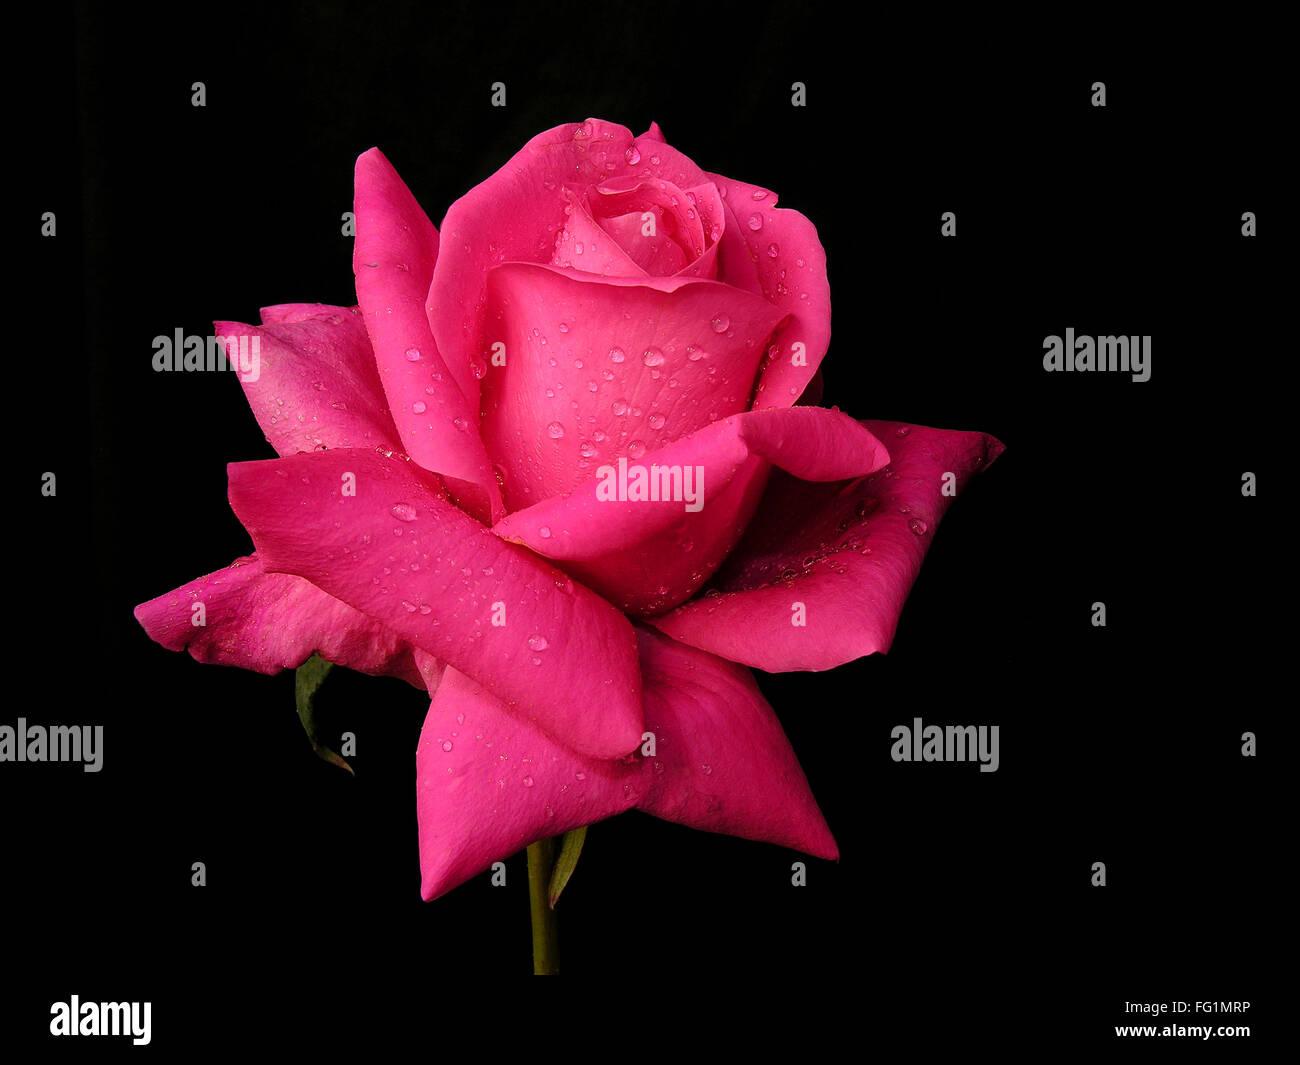 Goutte D Eau Sur Une Fleur Rose Rouge Sur Fond Noir Banque D Images